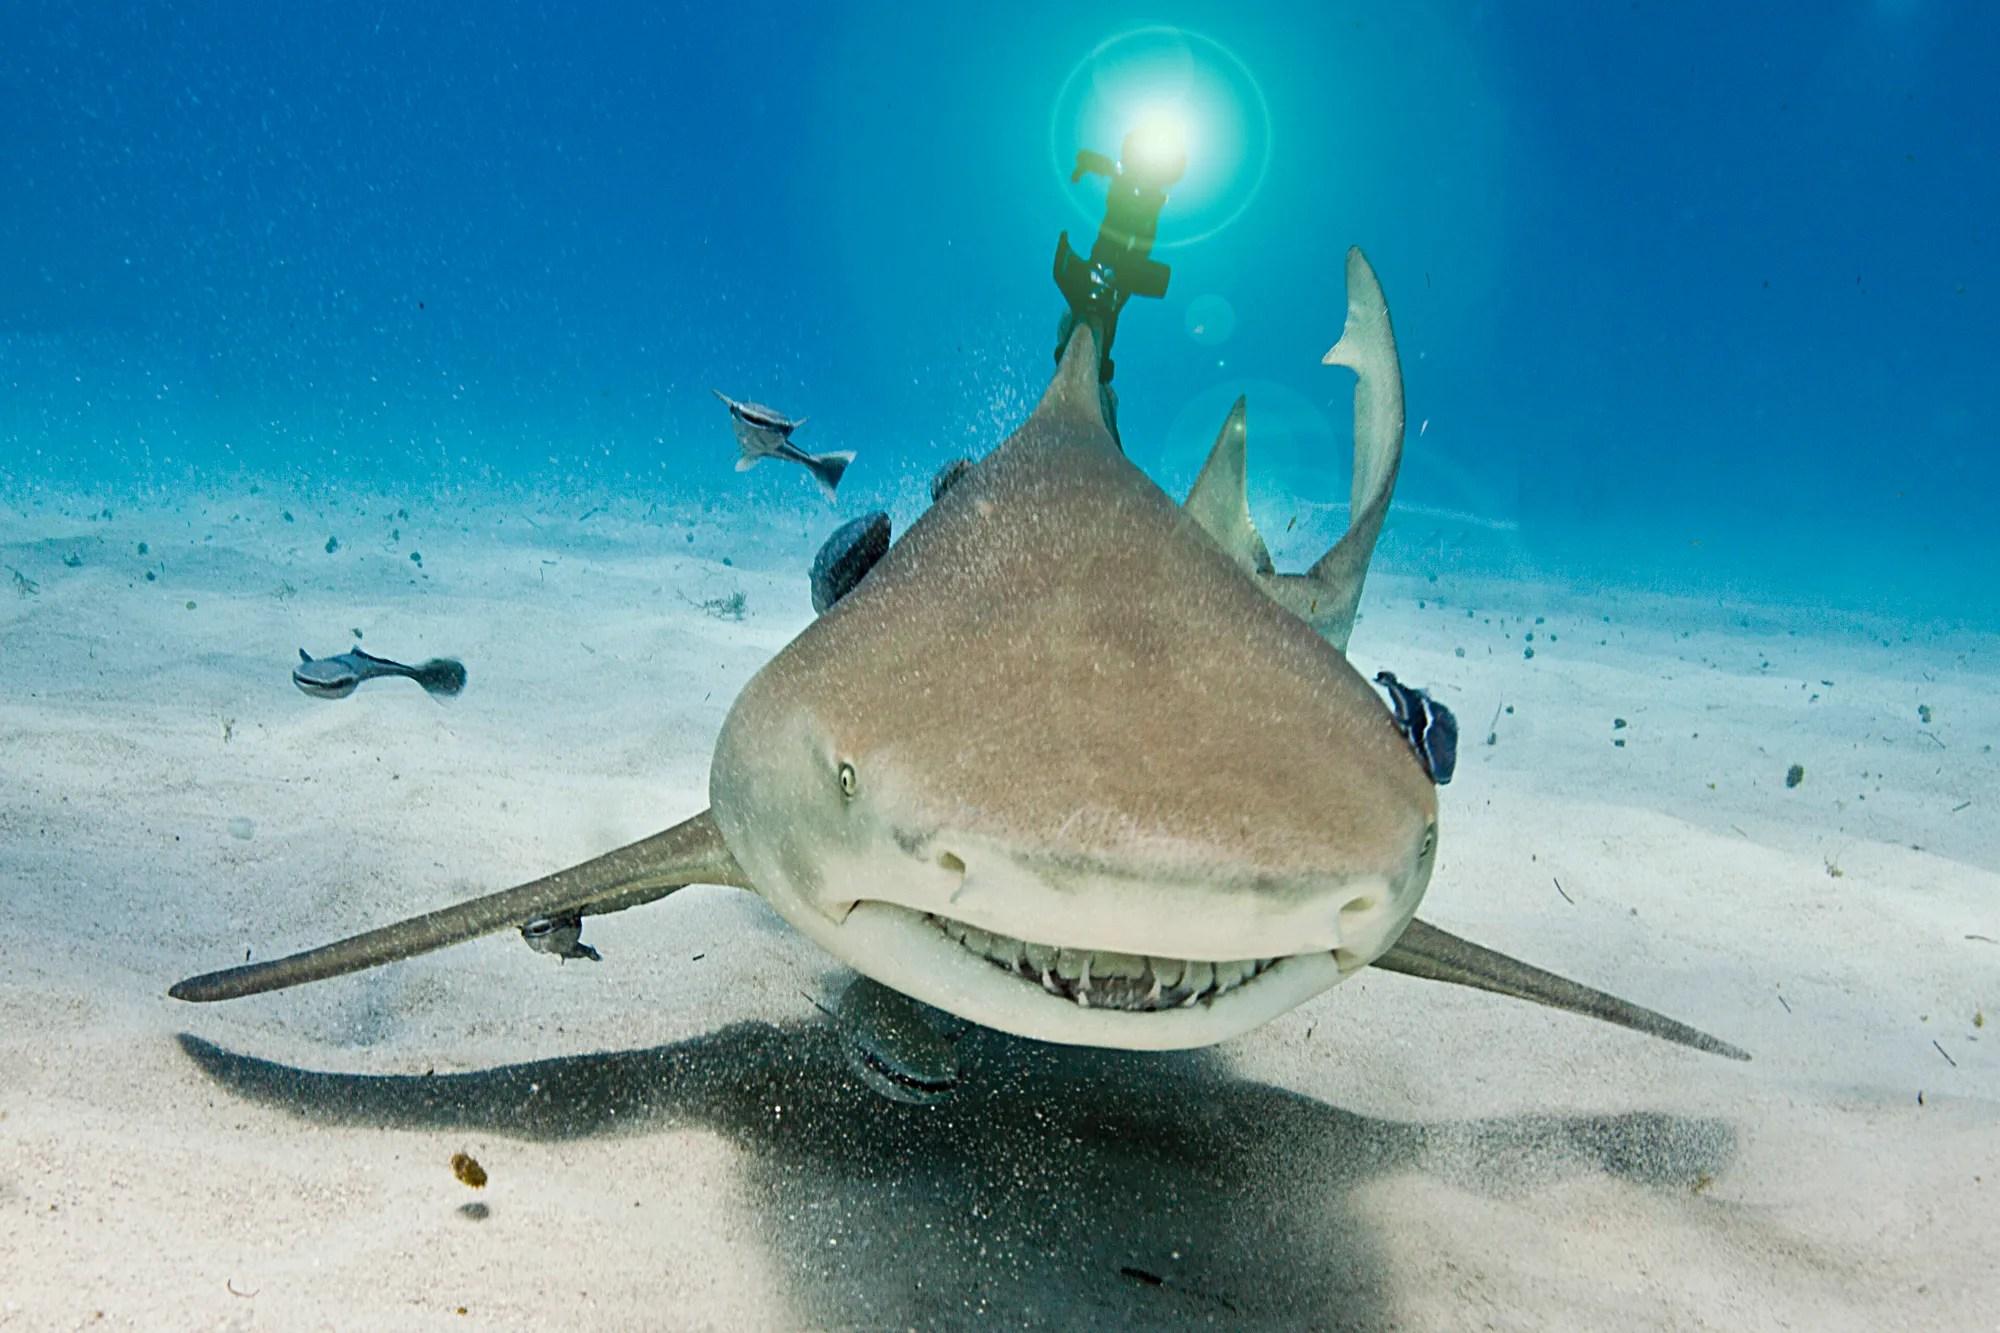 finally a shark with